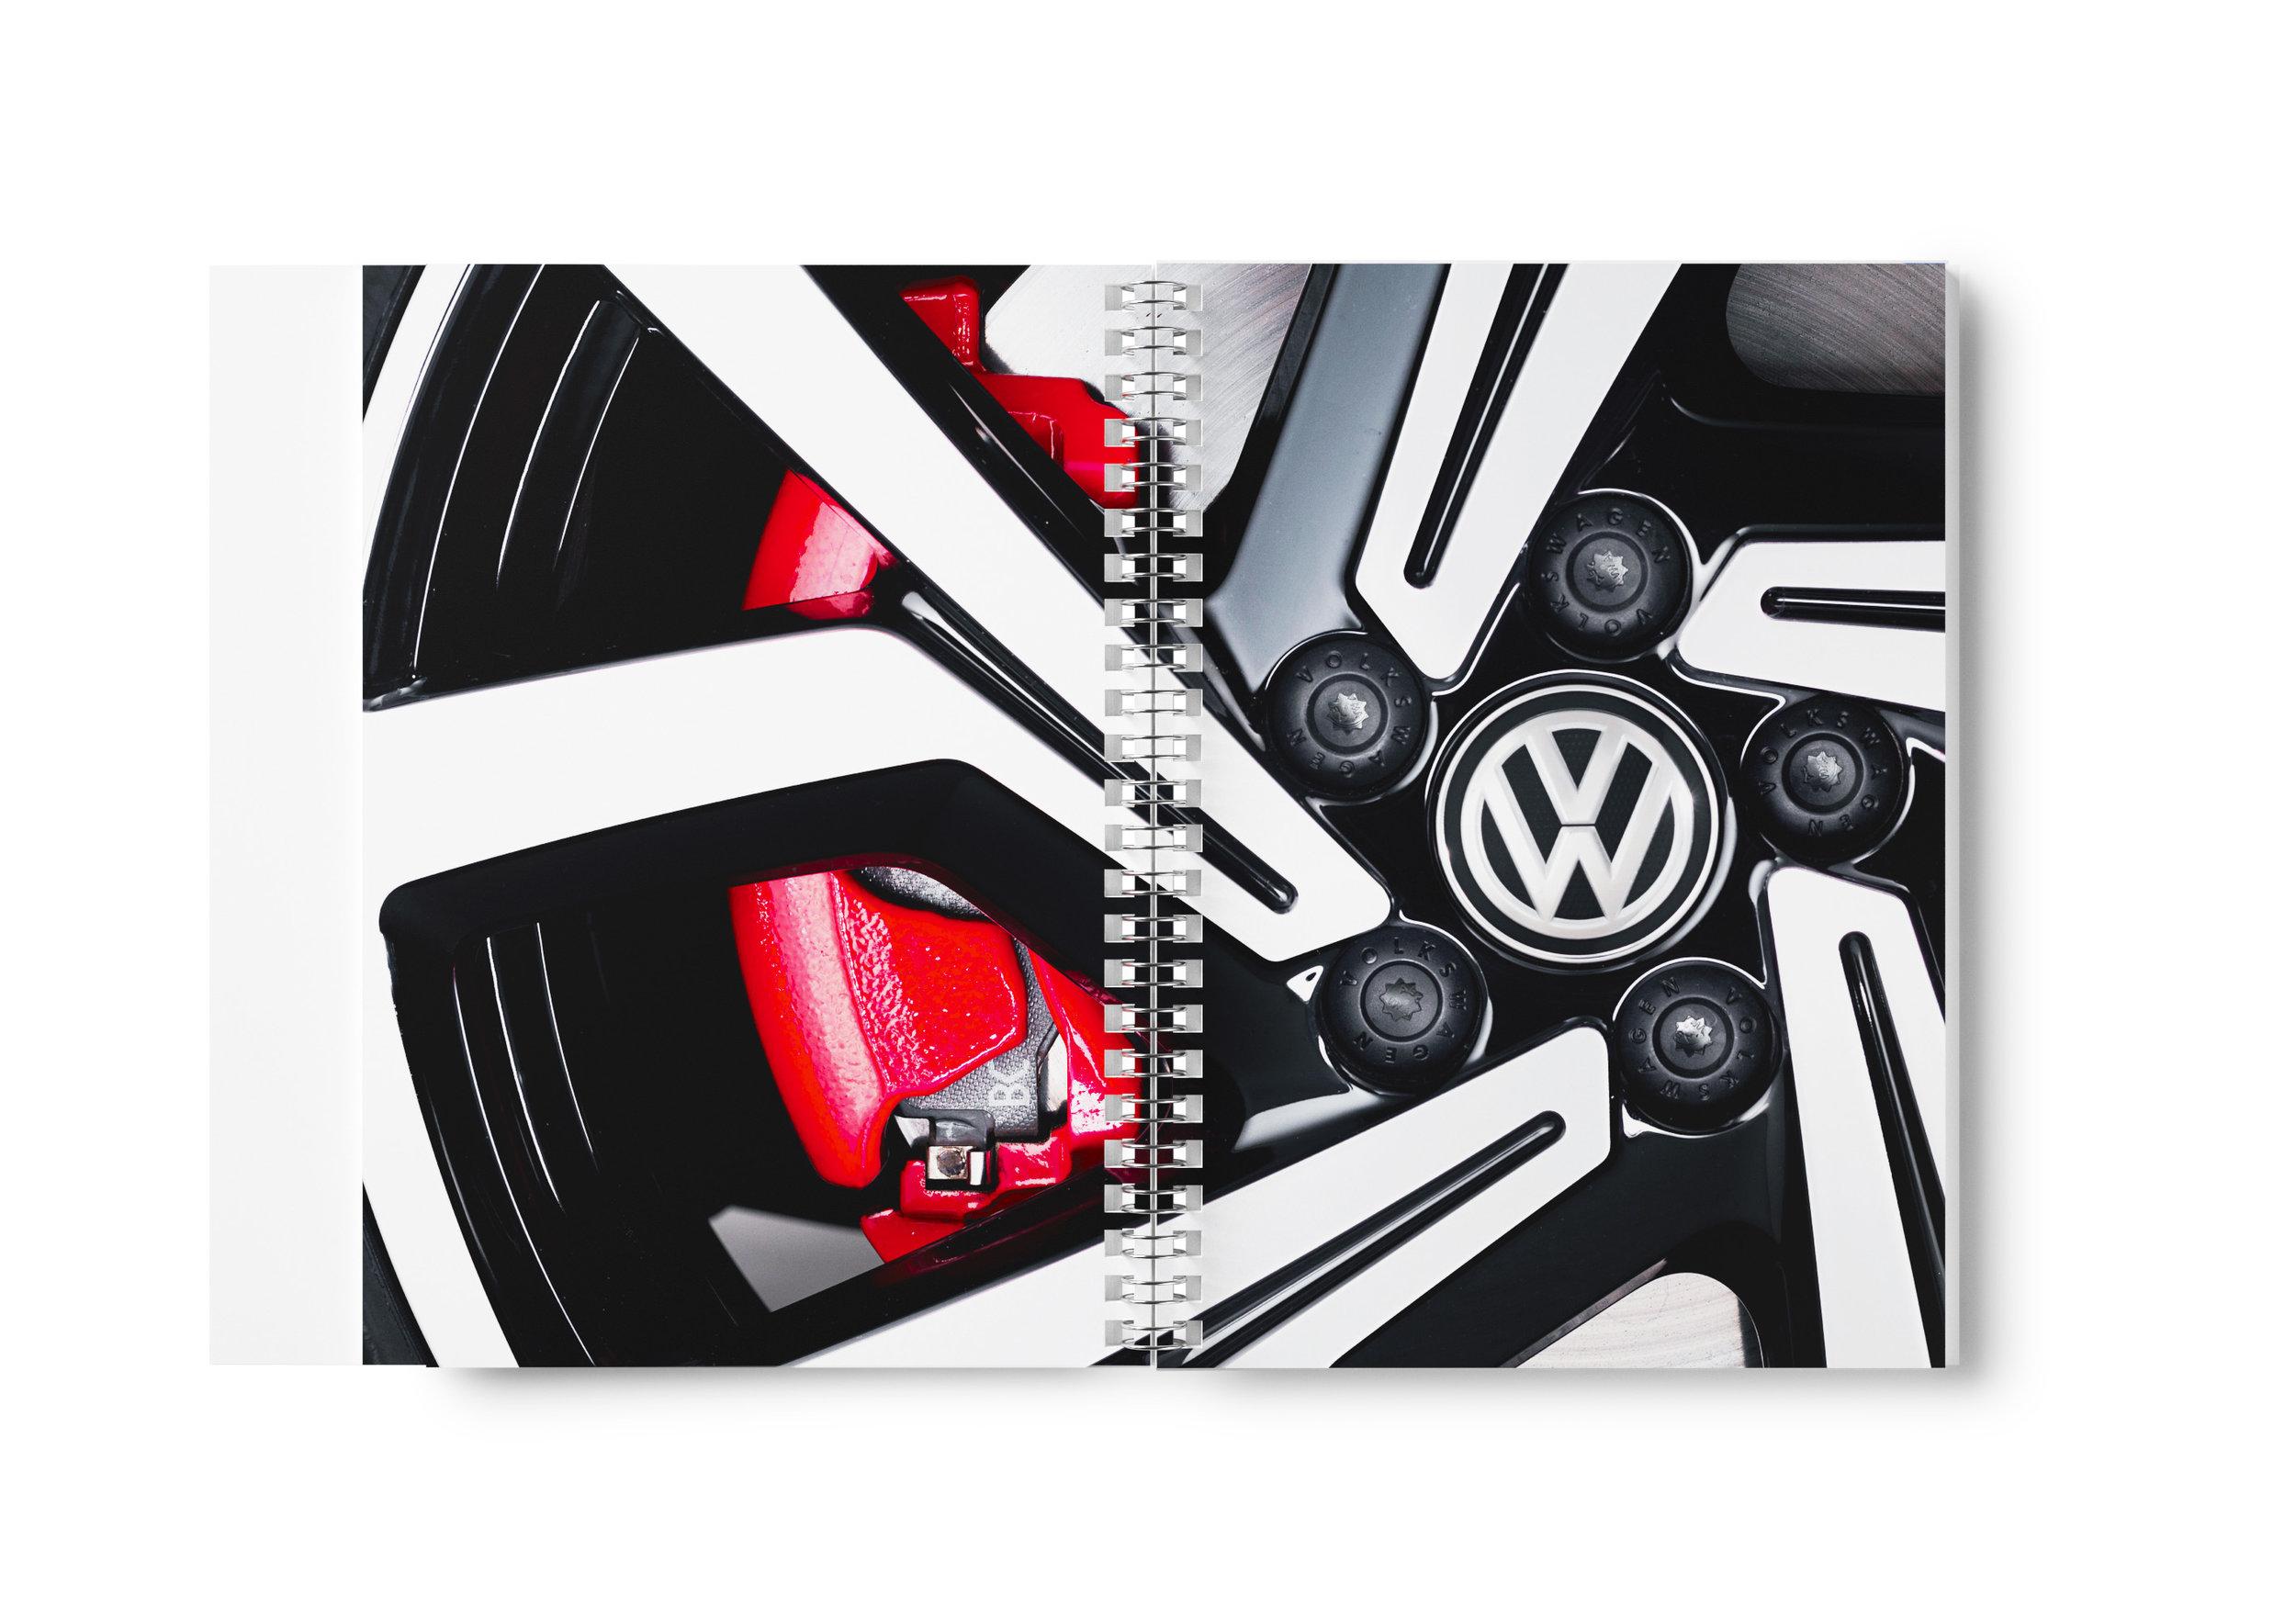 08_Josekdesign_Volkswagen_PMS.jpg